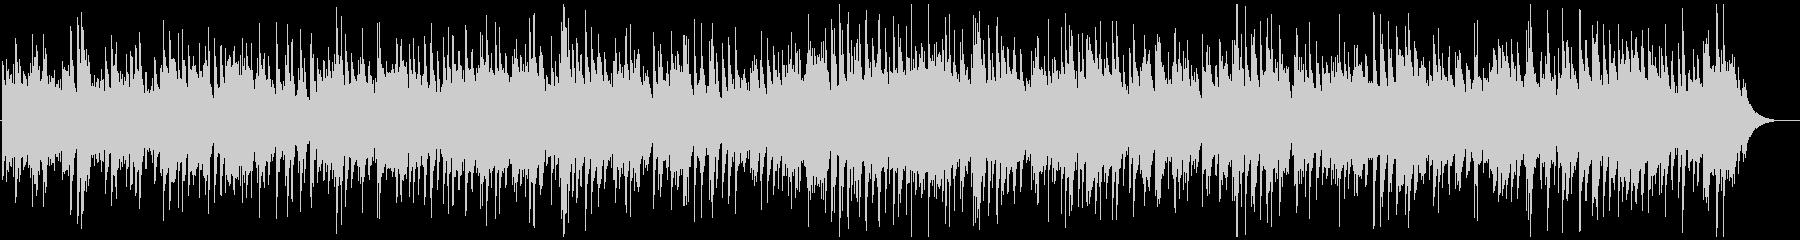 癒しのカントリーポップ、ピアノBGMの未再生の波形